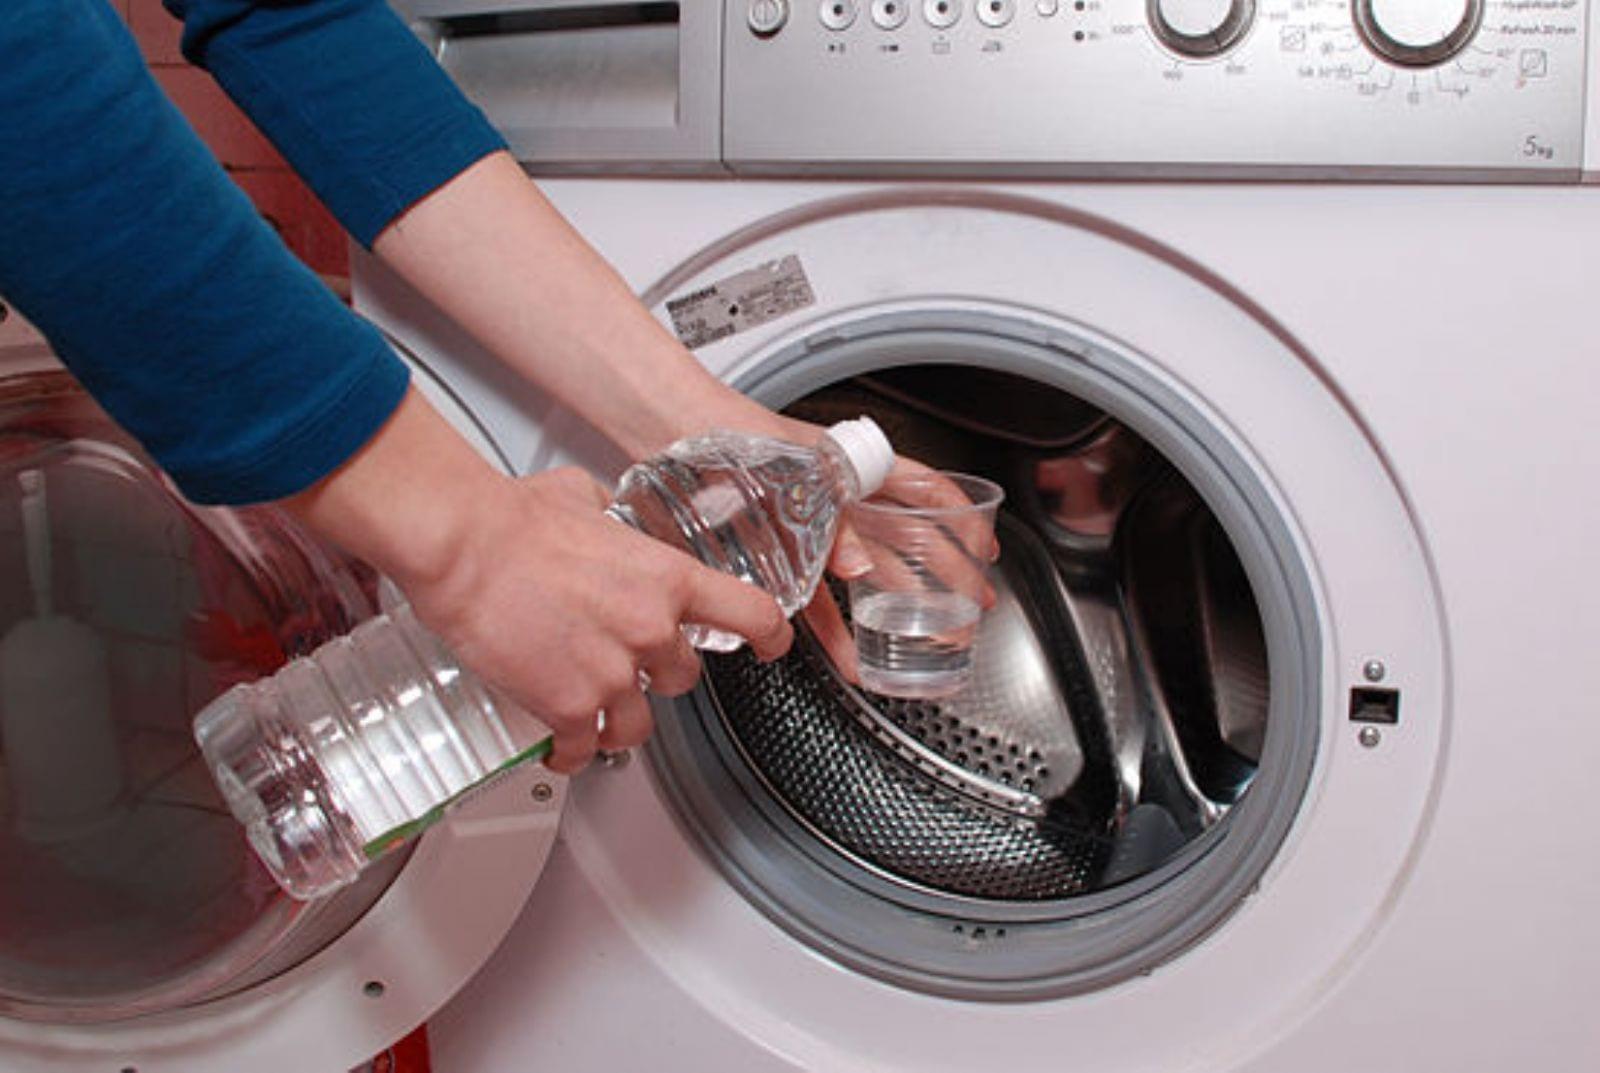 чистка стиральной машины от накипи